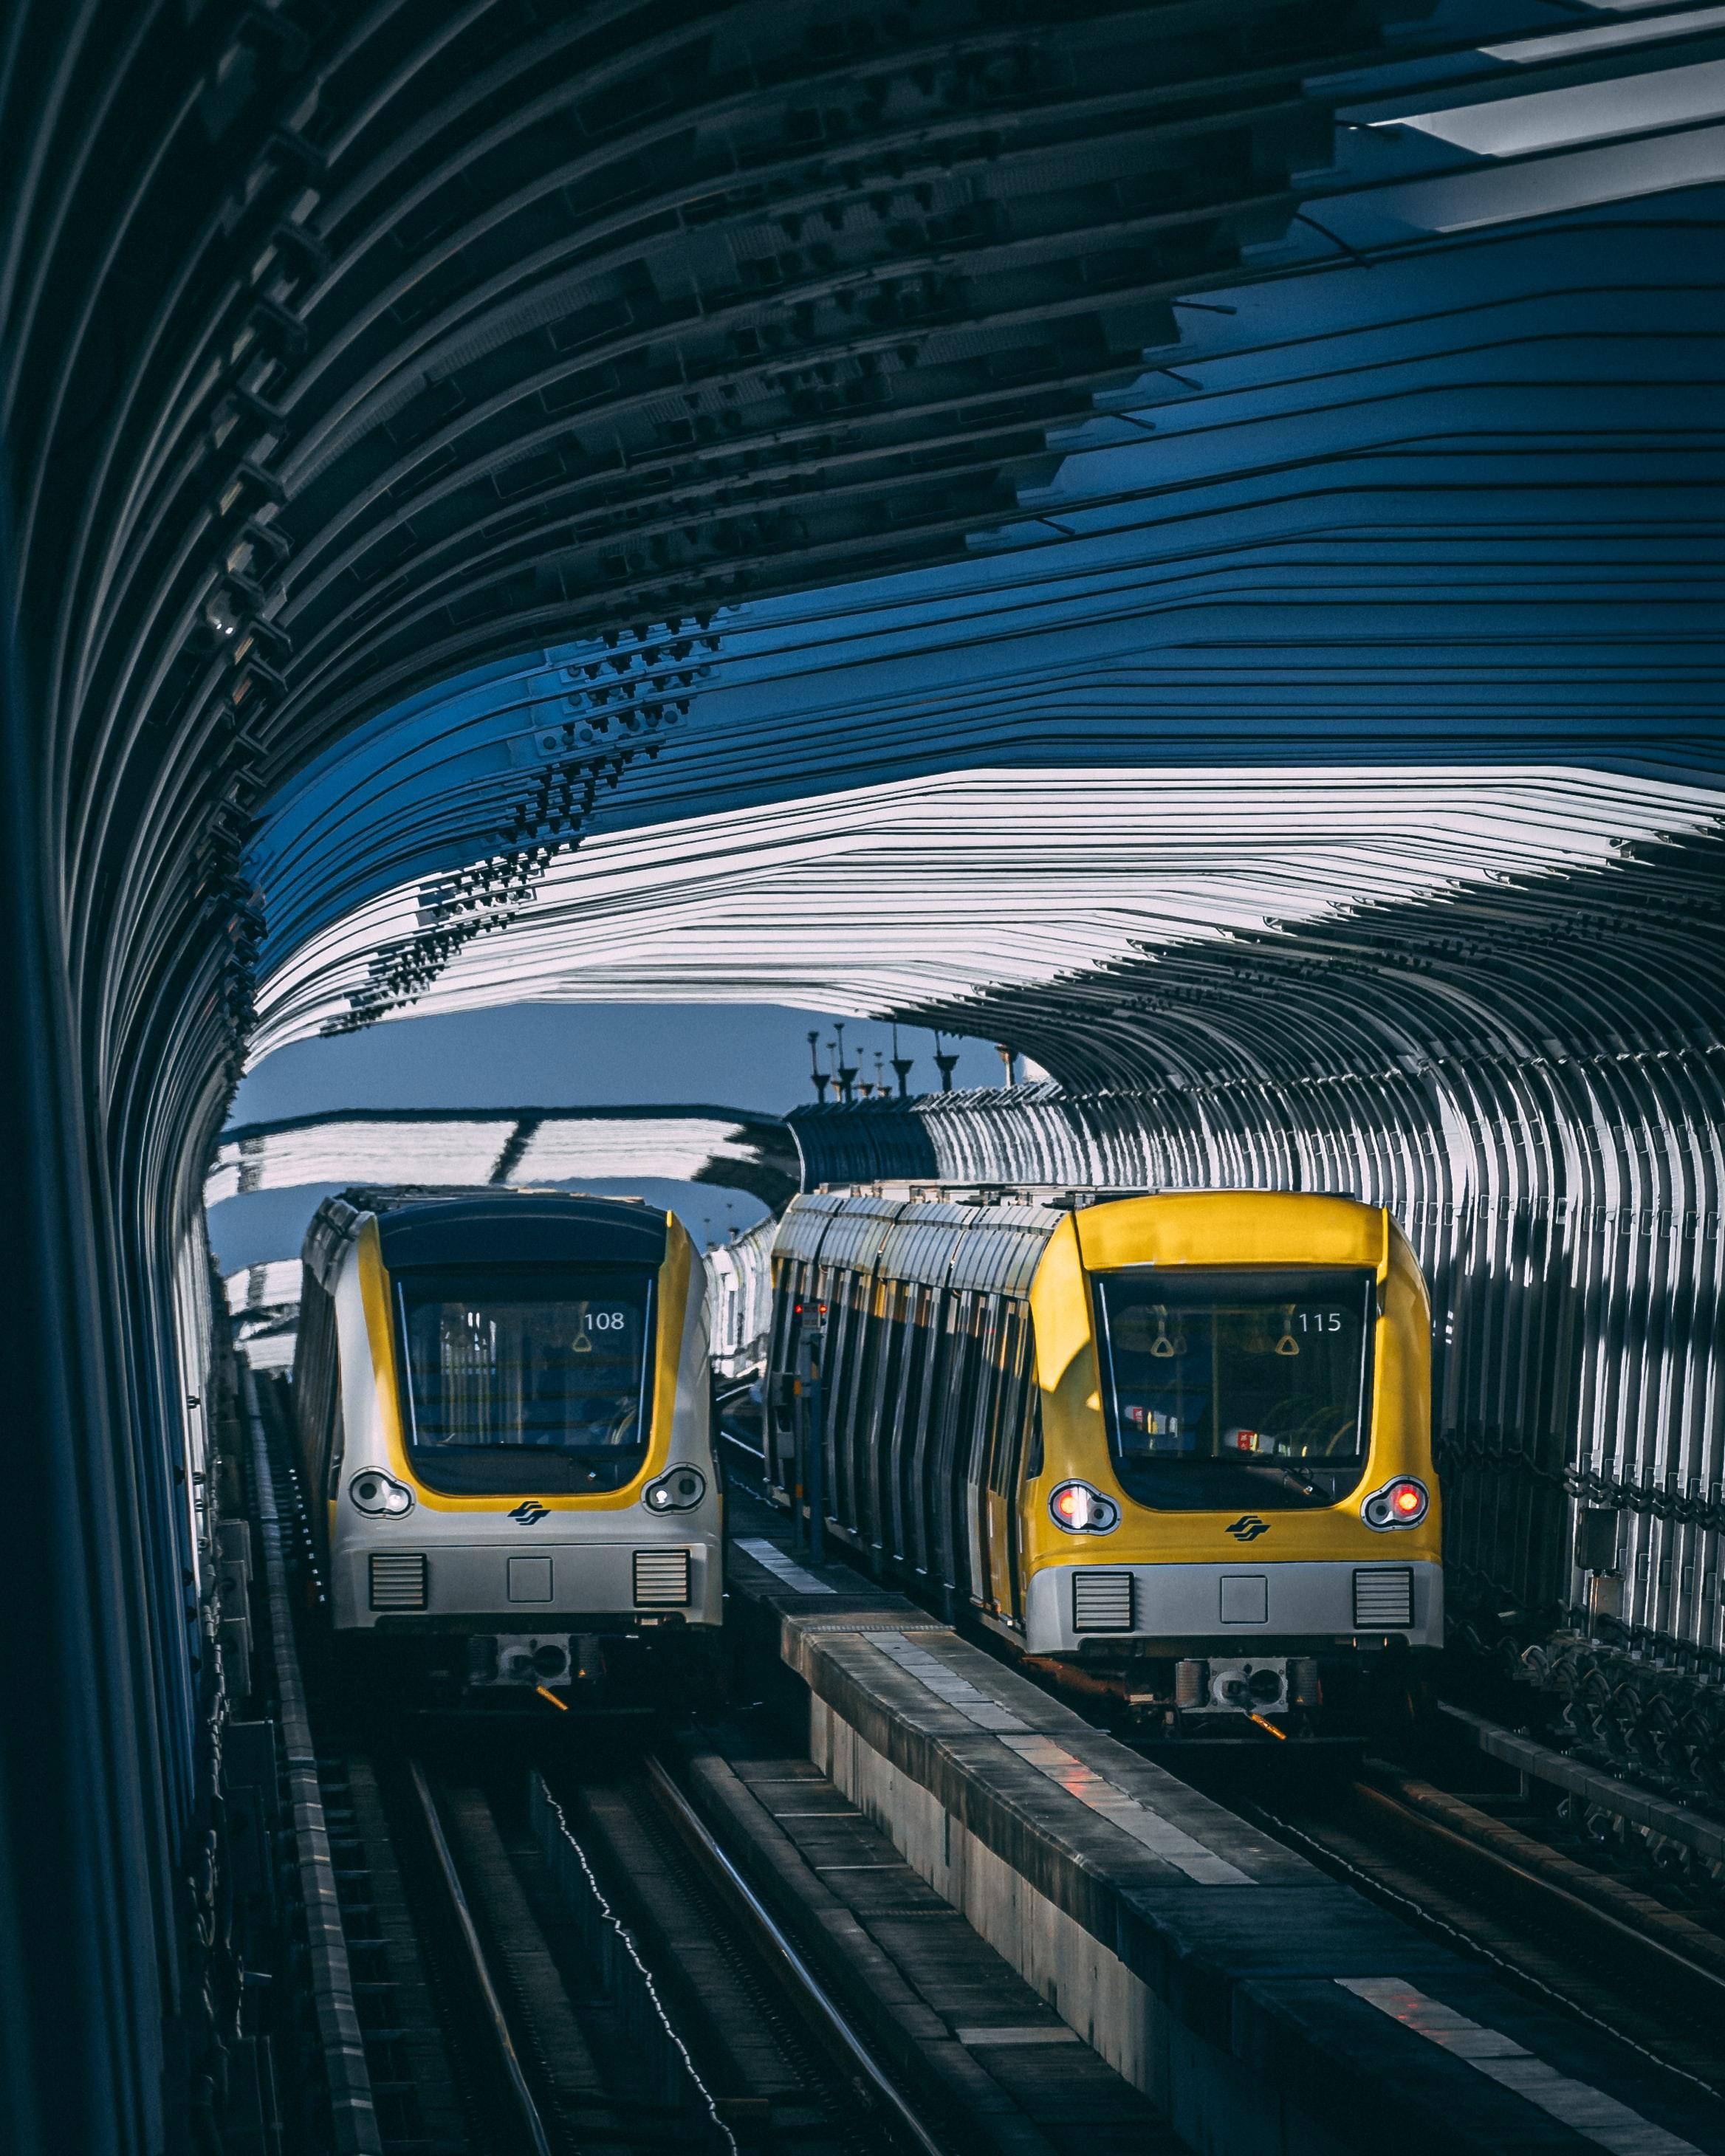 151003 скачать обои Разное, Поезда, Тоннель, Рельсы, Метро - заставки и картинки бесплатно